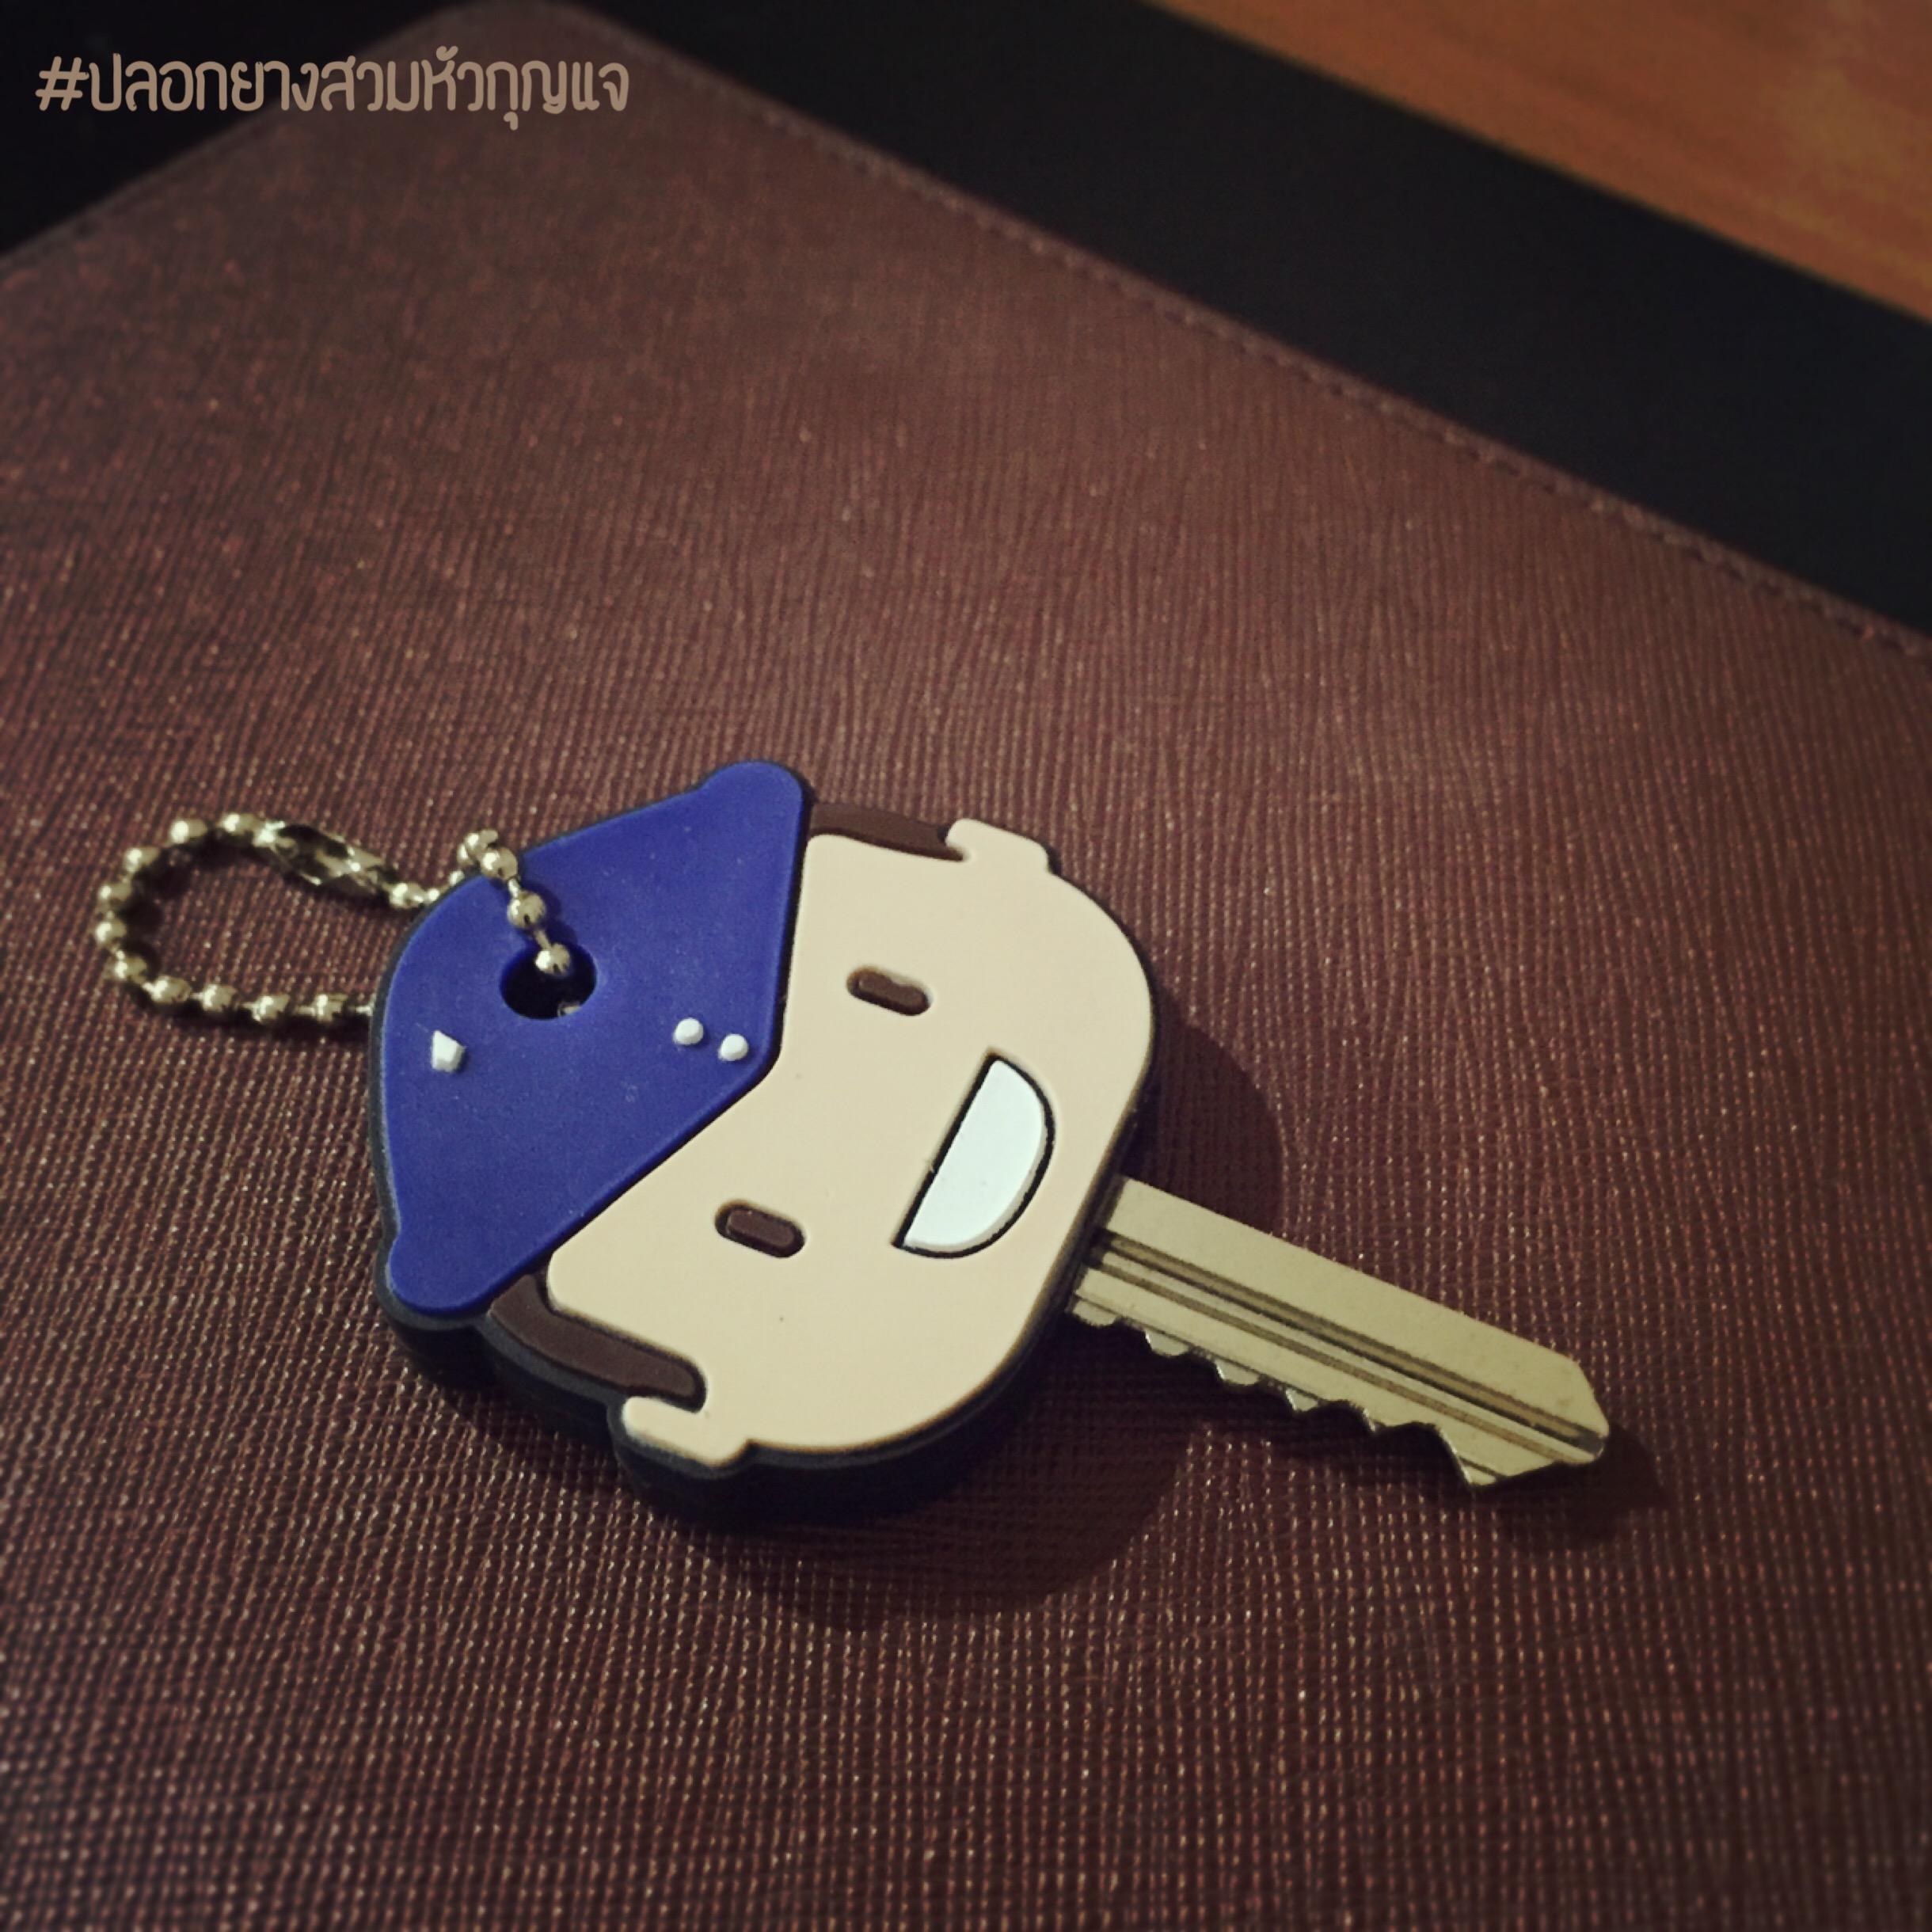 ปลอกยางสวมหัวกุญแจ vrg